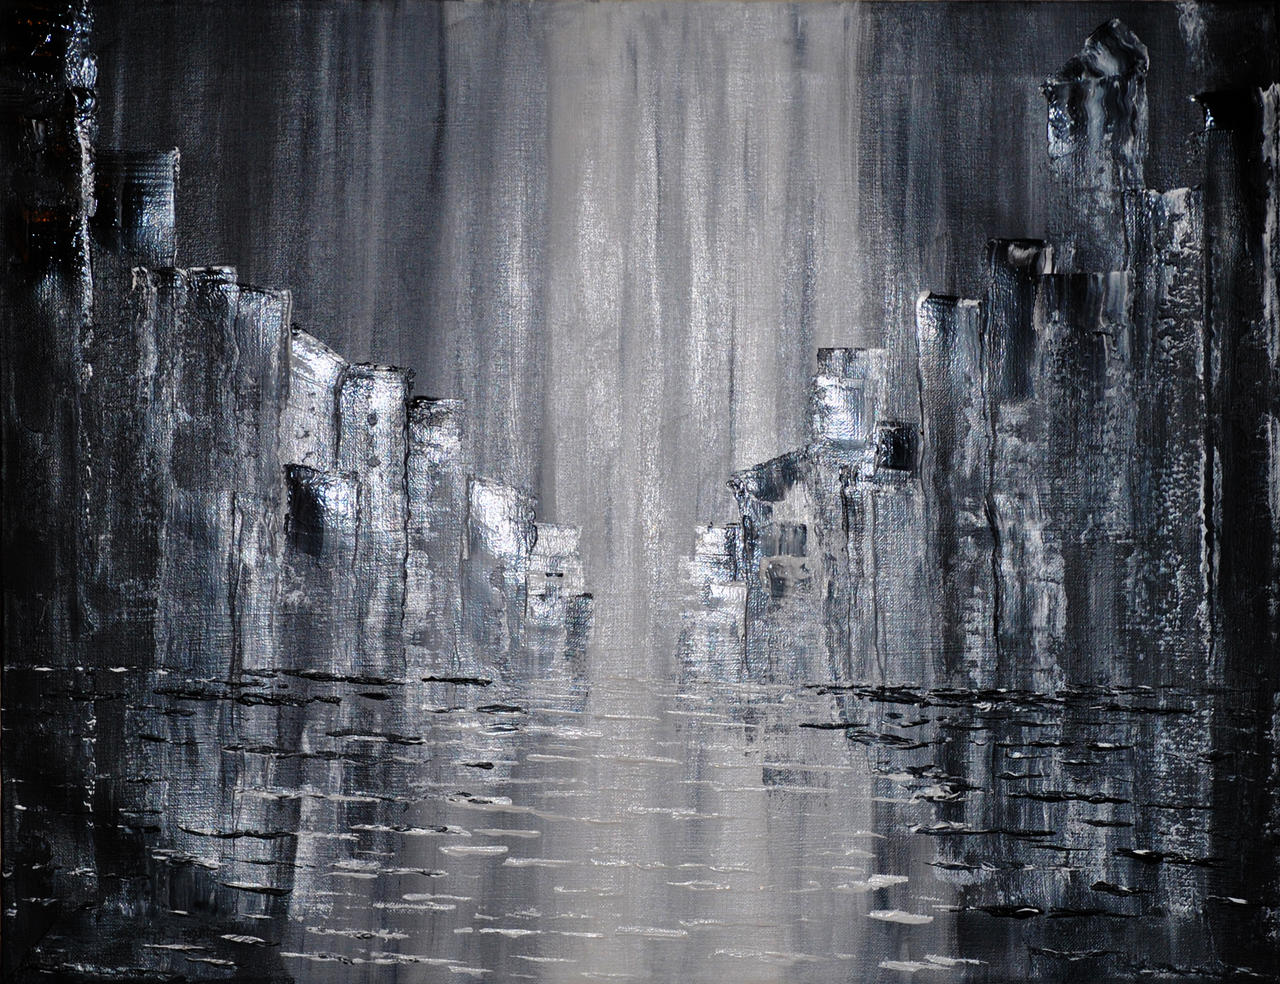 A Rainy Night by Joe-Maccer